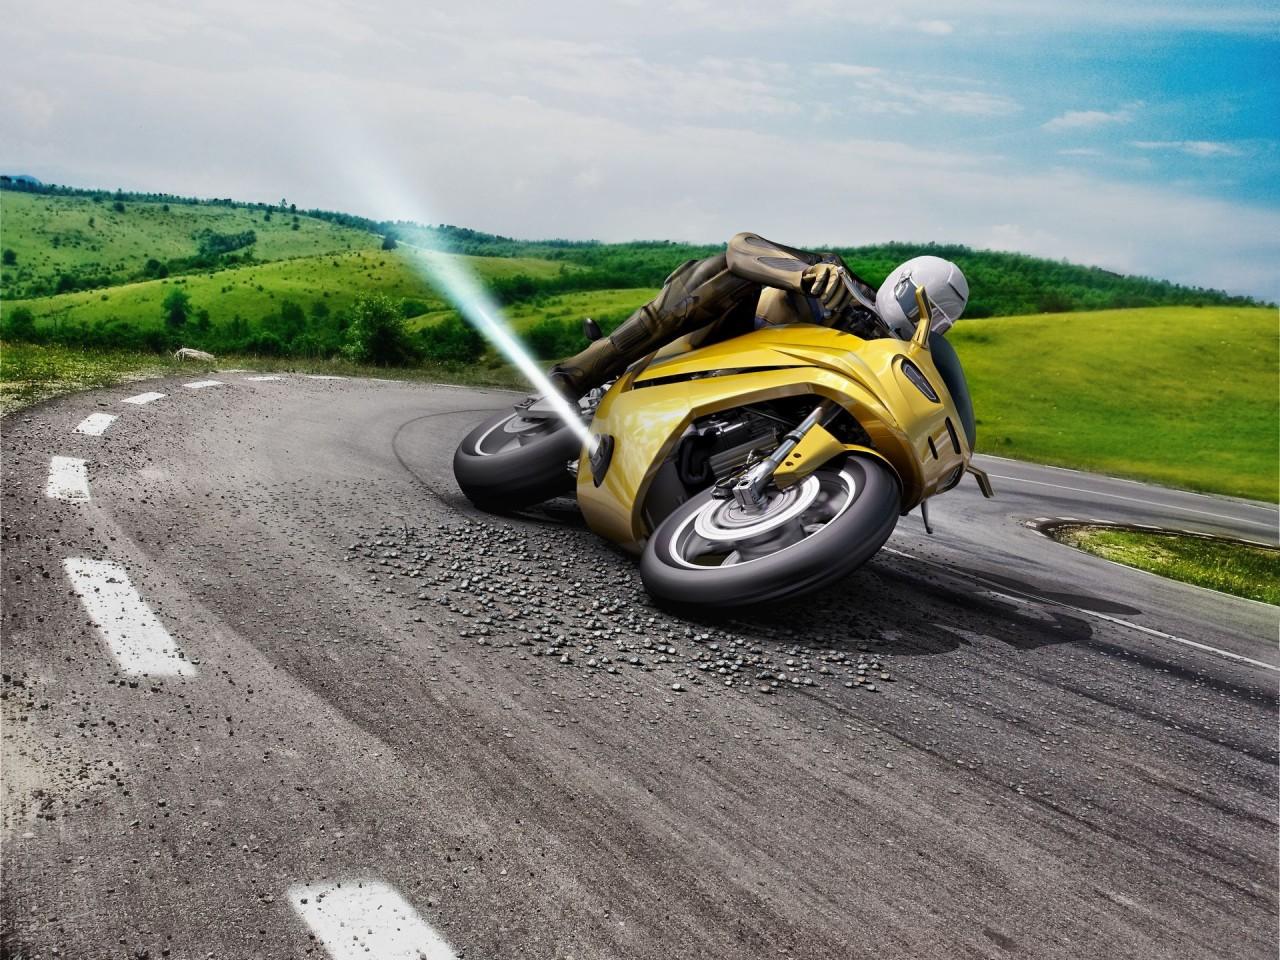 bosch-tecnologia-motos1